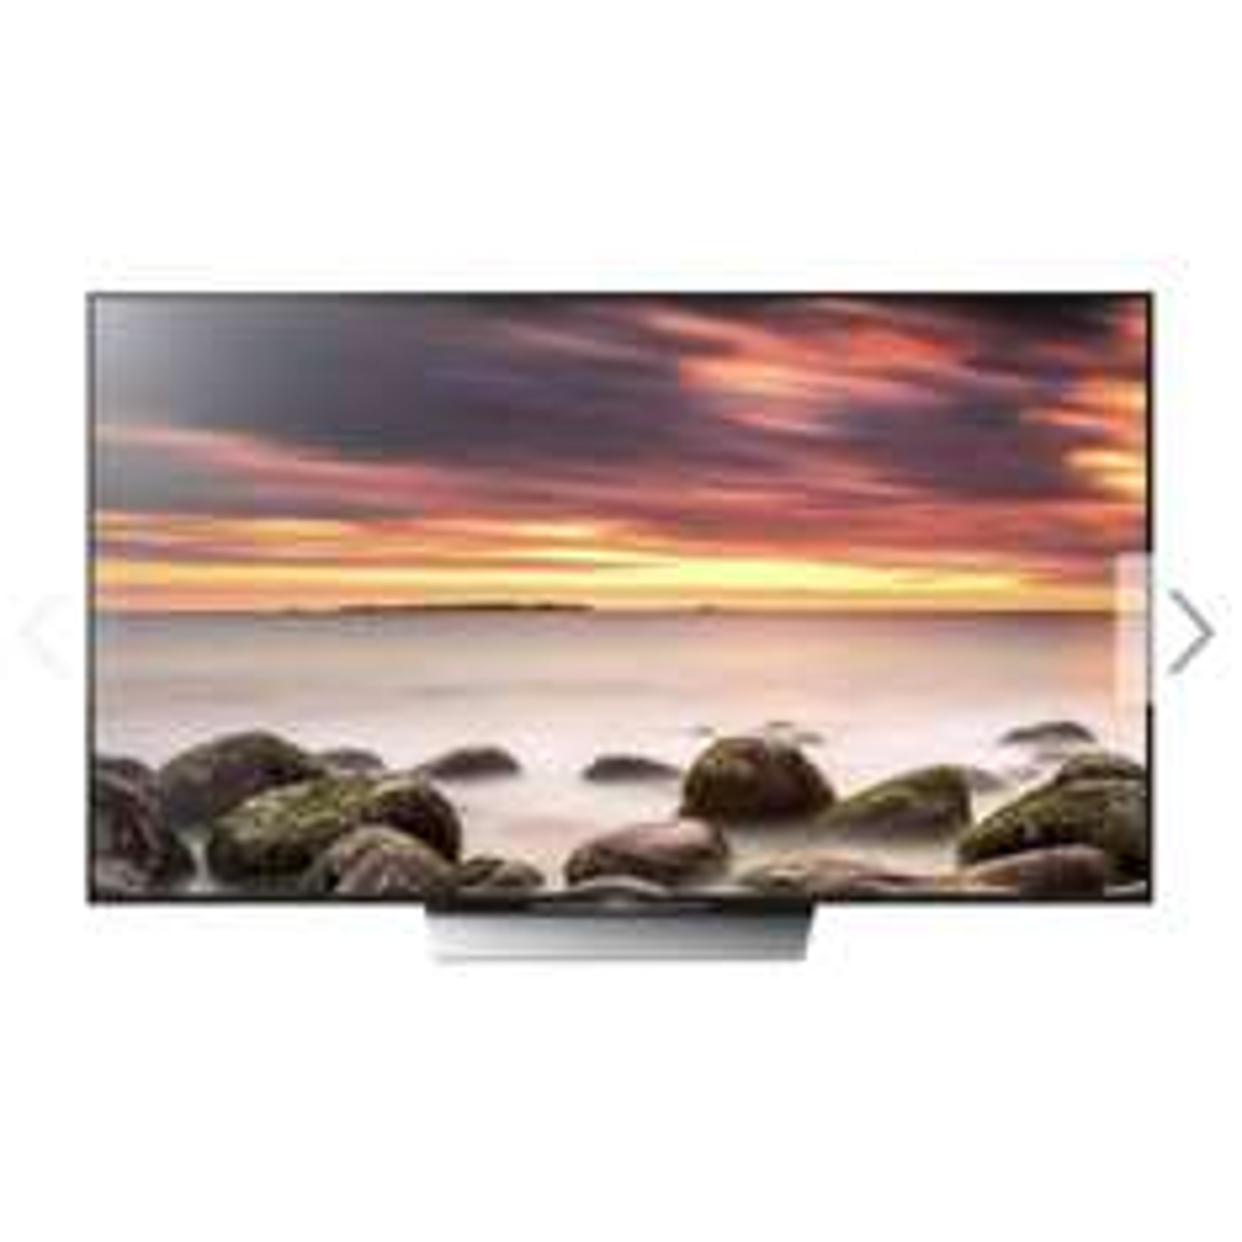 Sony KD55XD8505 Ultra HD LED Fernseher